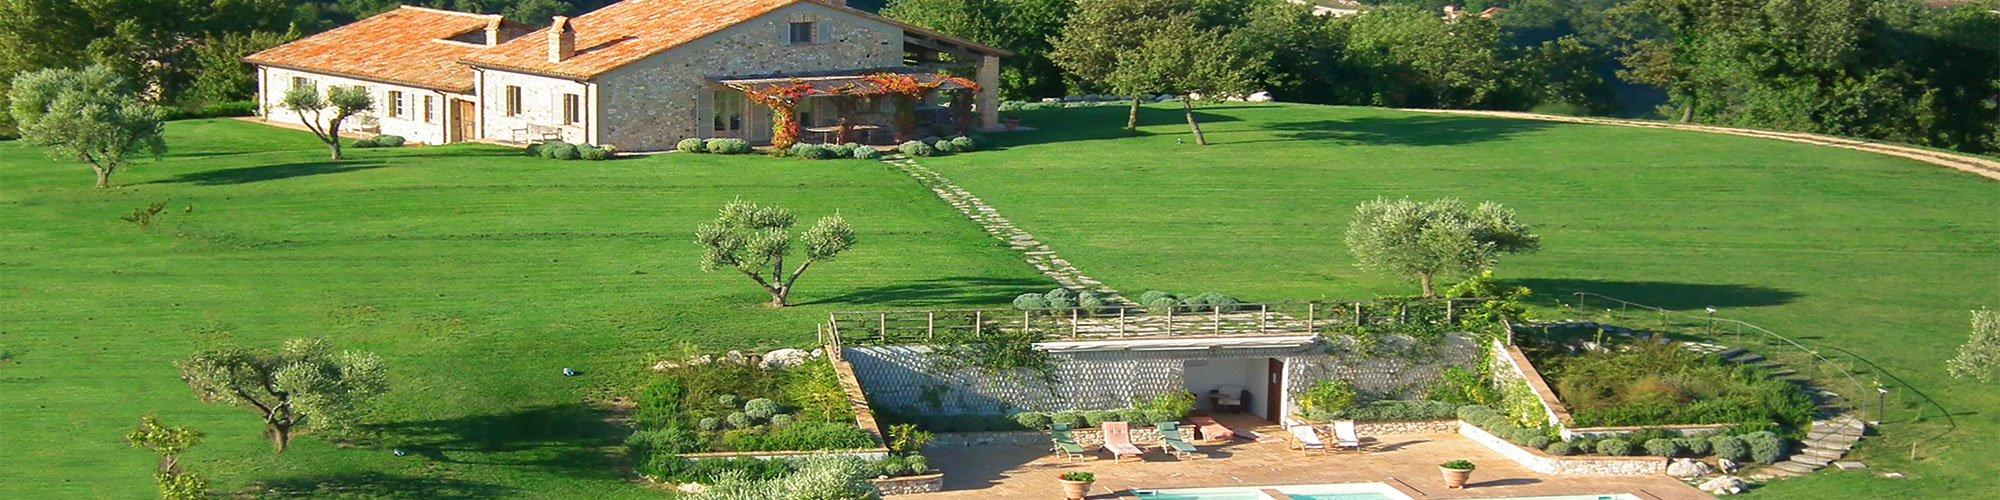 Villa Campo Rinaldo in Umbria - Aereal View